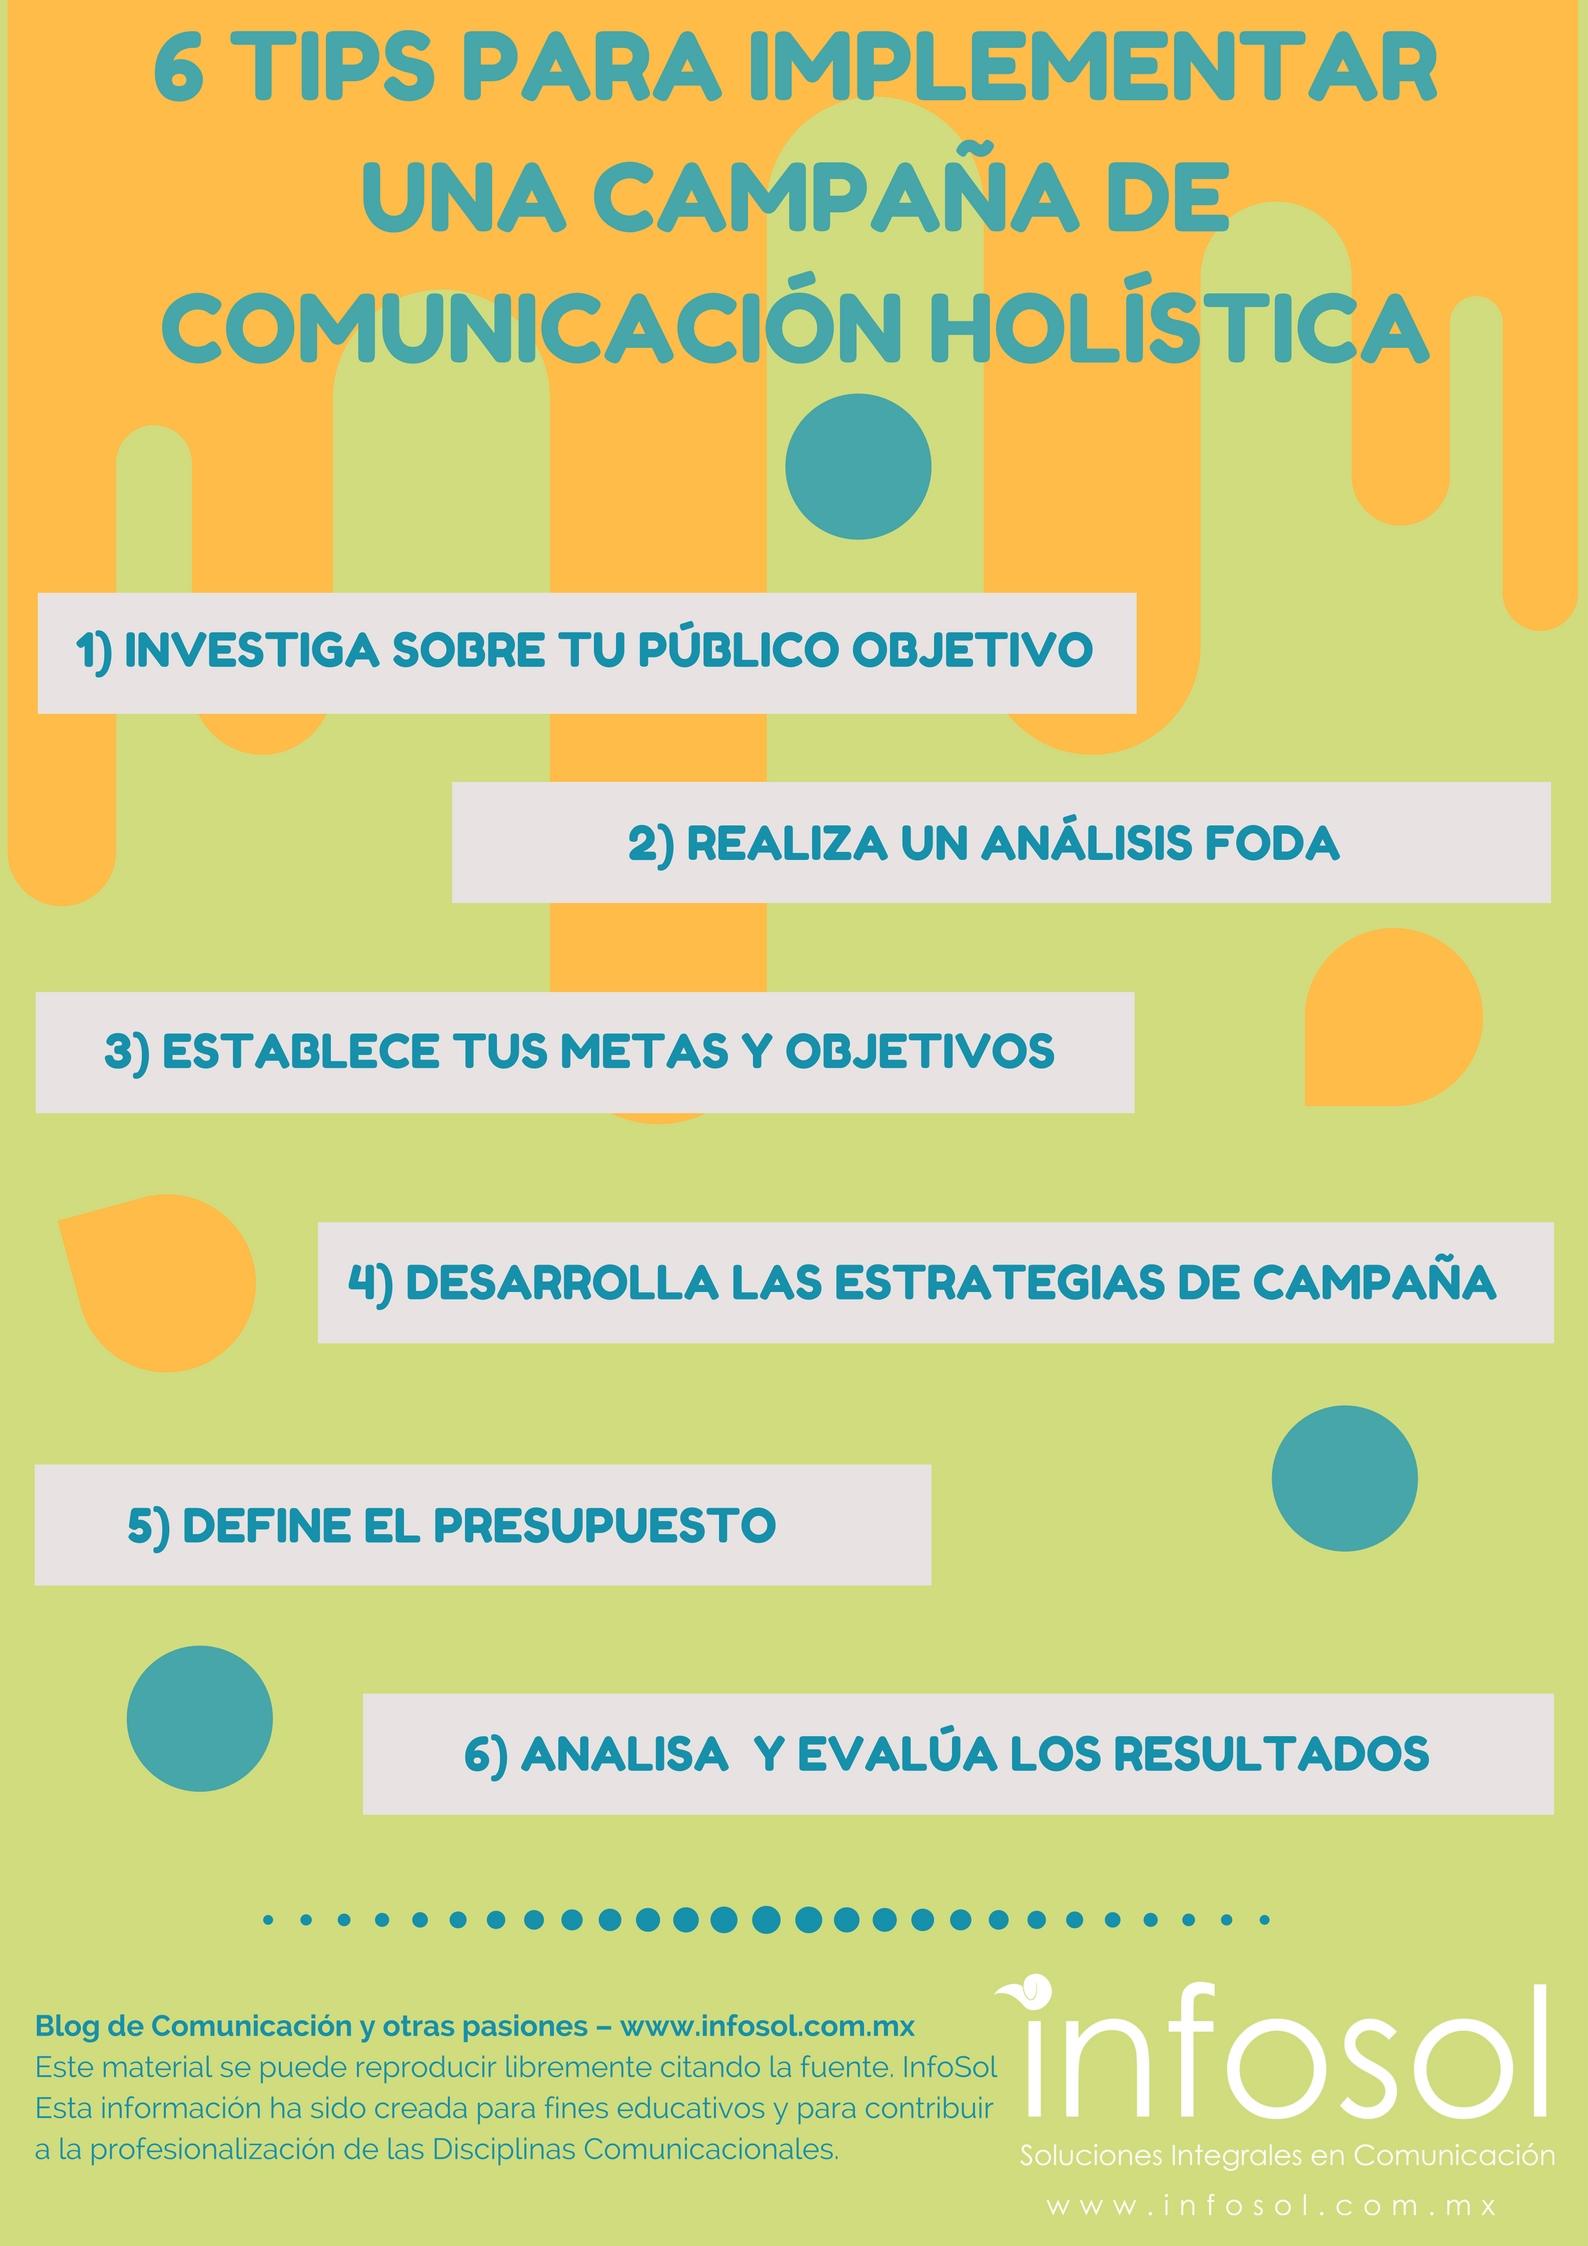 6 tips para implementar un campaña de Comunicación Holística